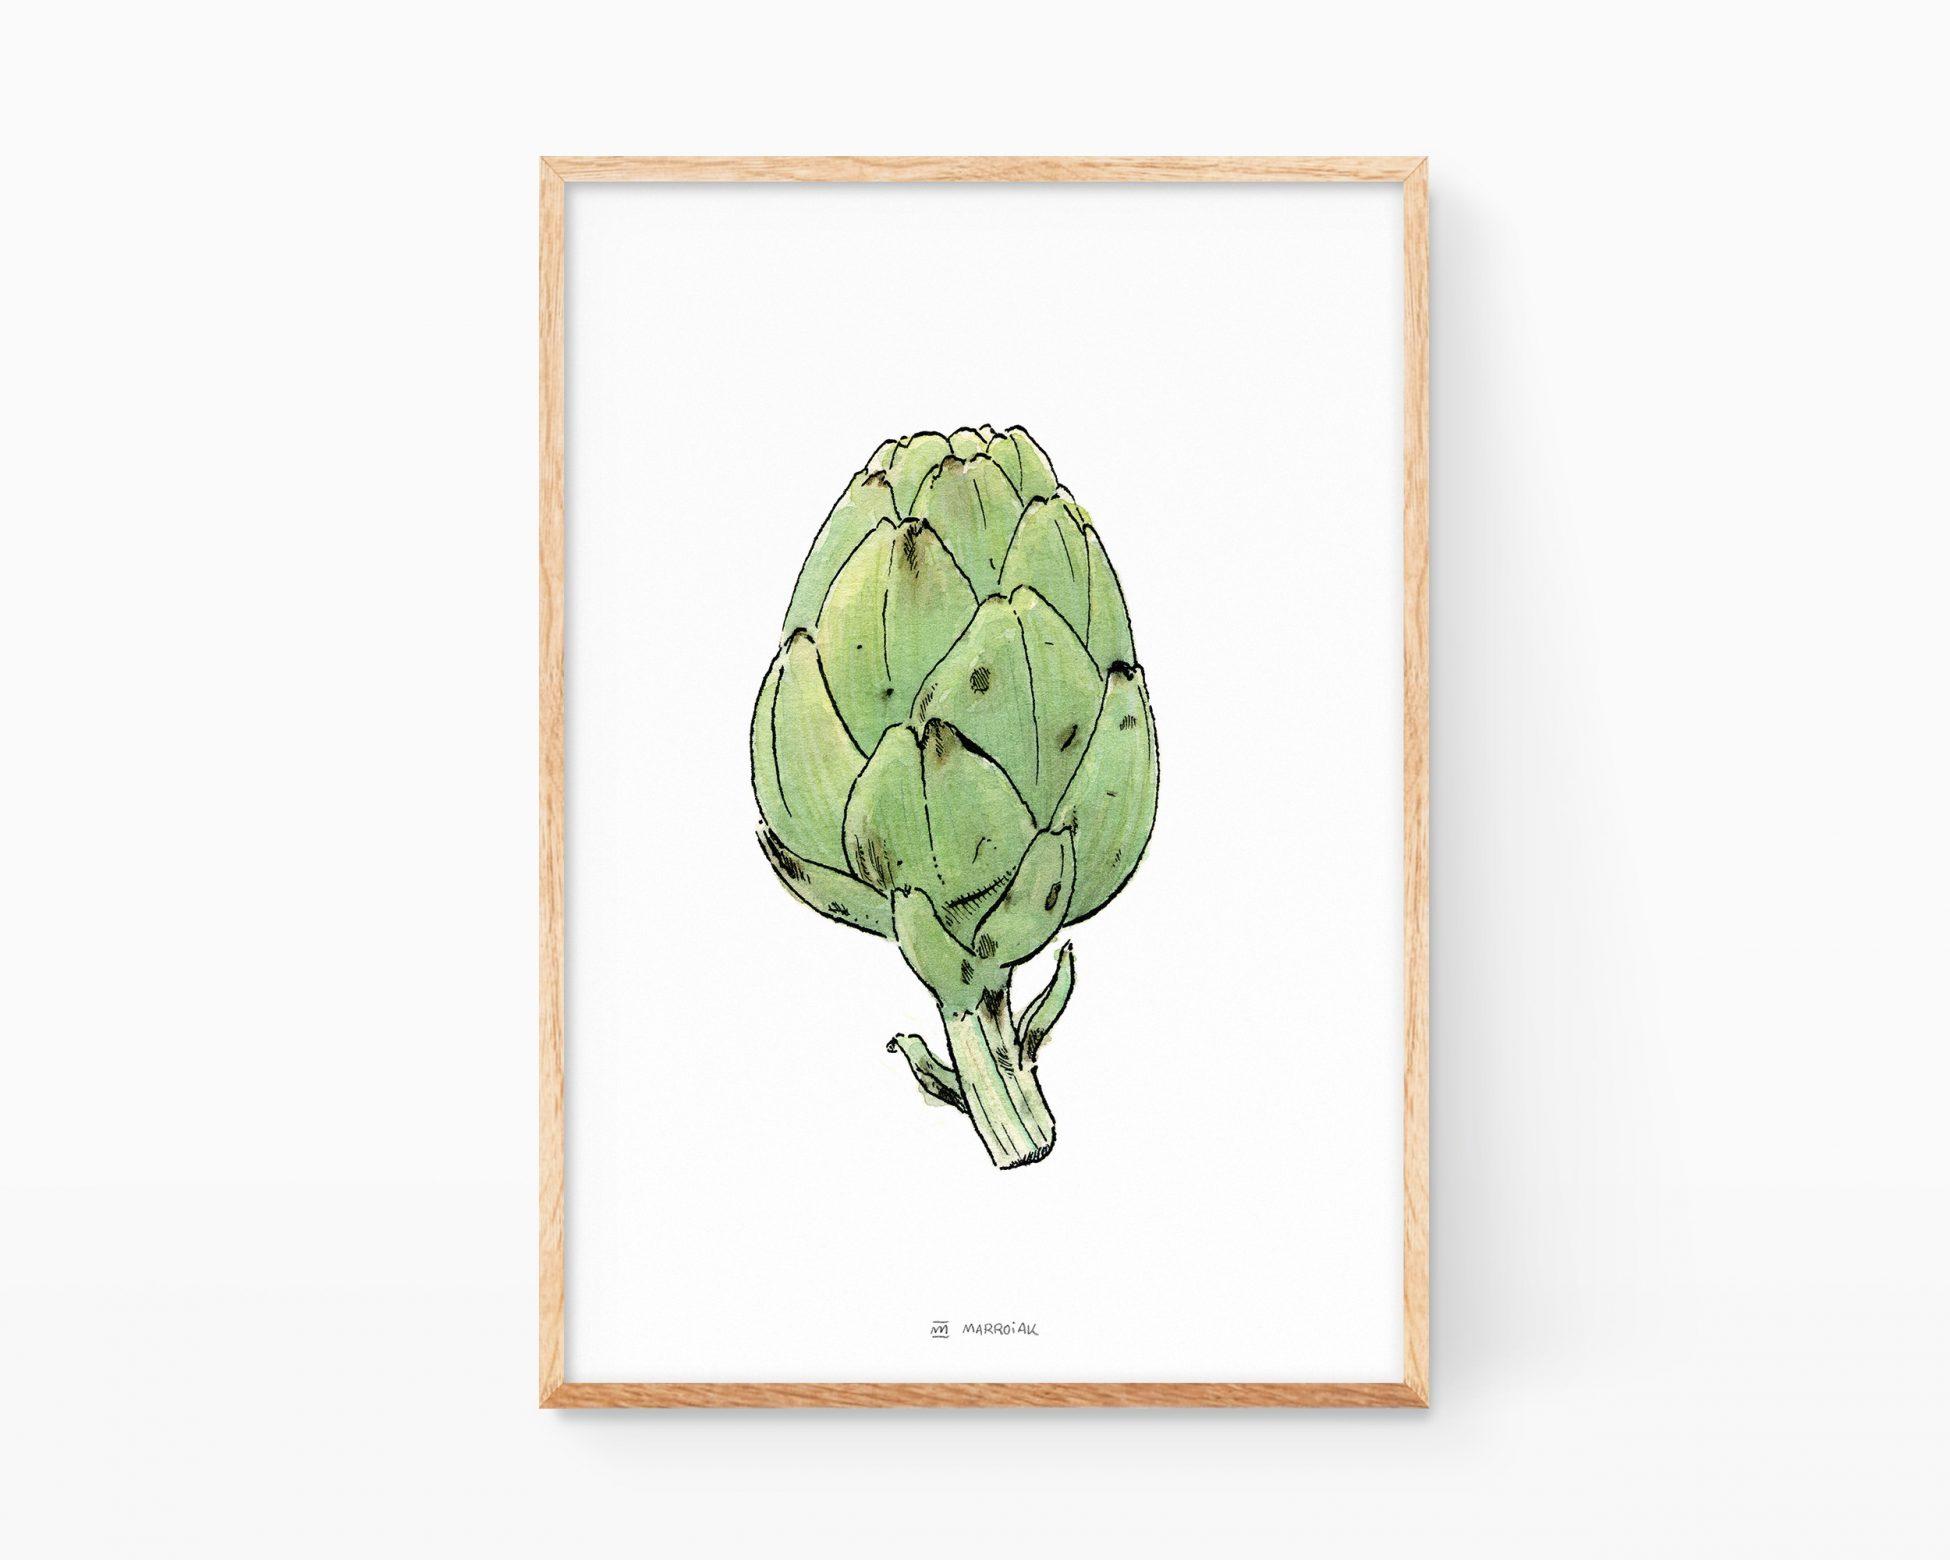 Cuadro decorativo para cocina con un dibujo de una alcachofa. Ilustraciones de frutas y verduras para enmarcar